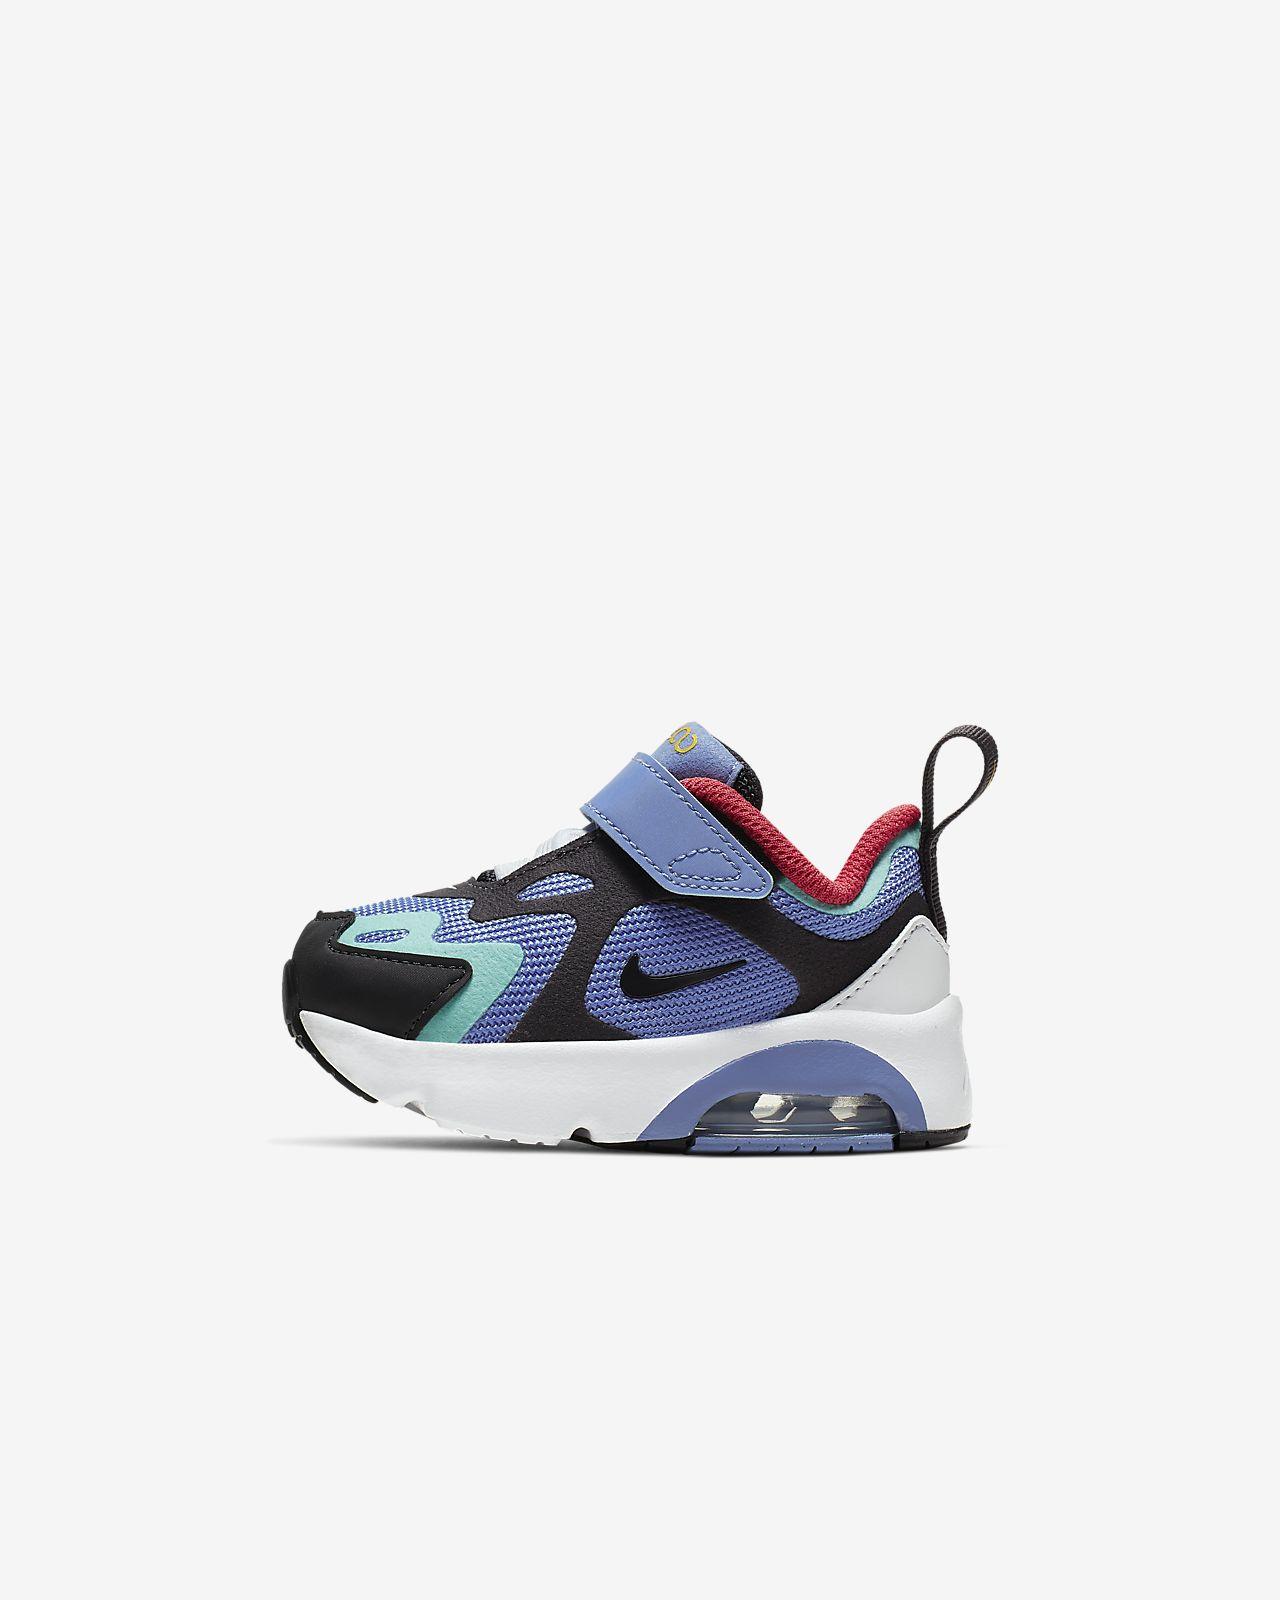 Nike | Kaufen Sie Turnschuhe, Schuhe und Oberteile von Nike